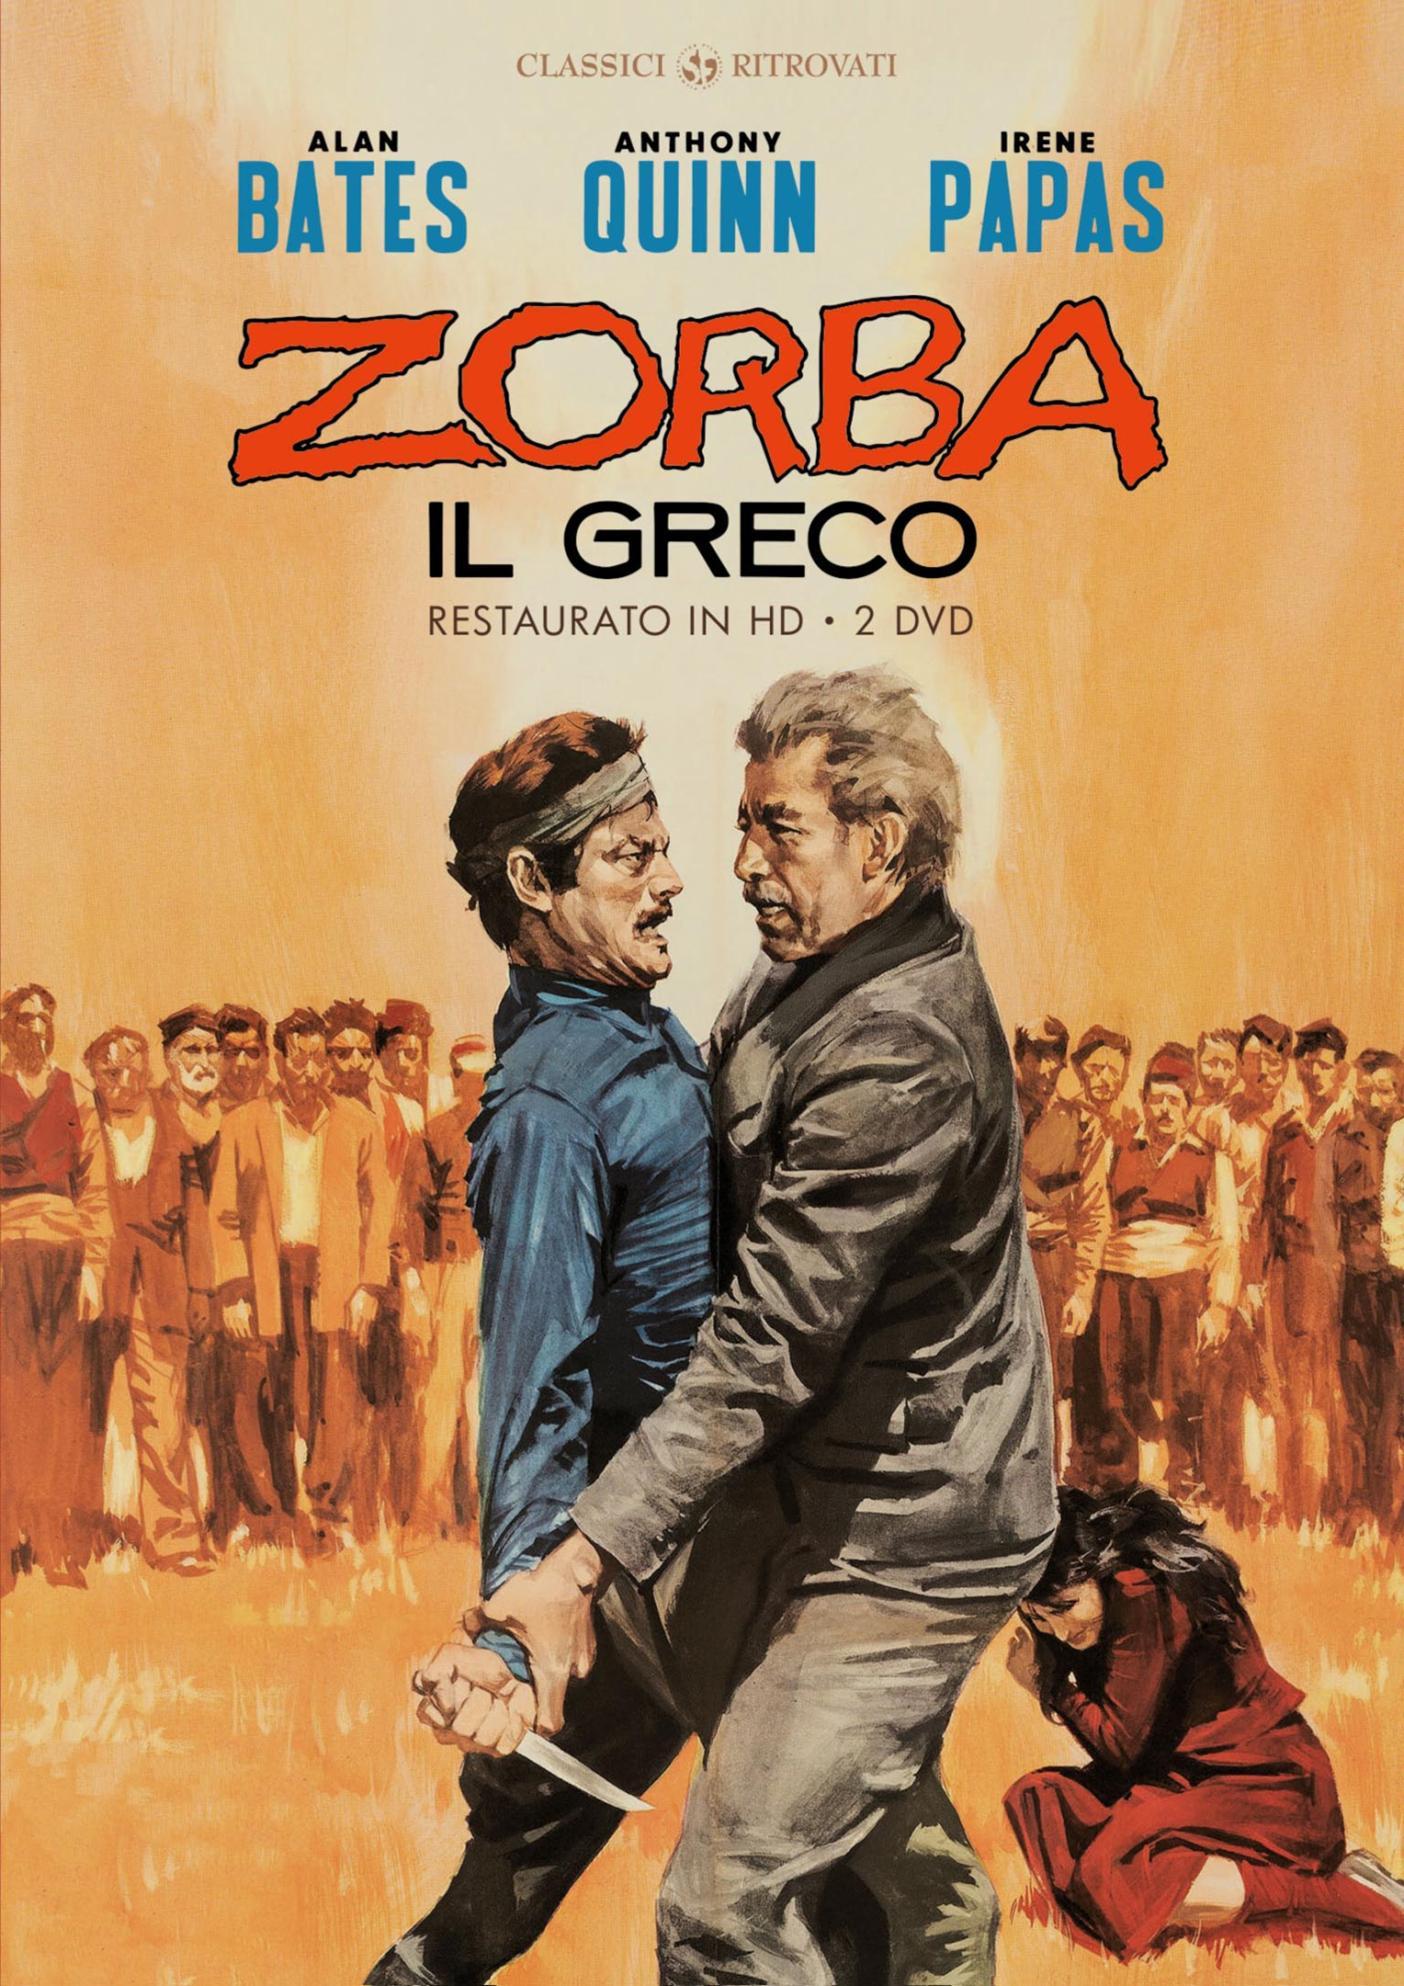 ZORBA IL GRECO (RESTAURATO IN HD) (SPECIAL EDITION 2 DVD) (DVD)